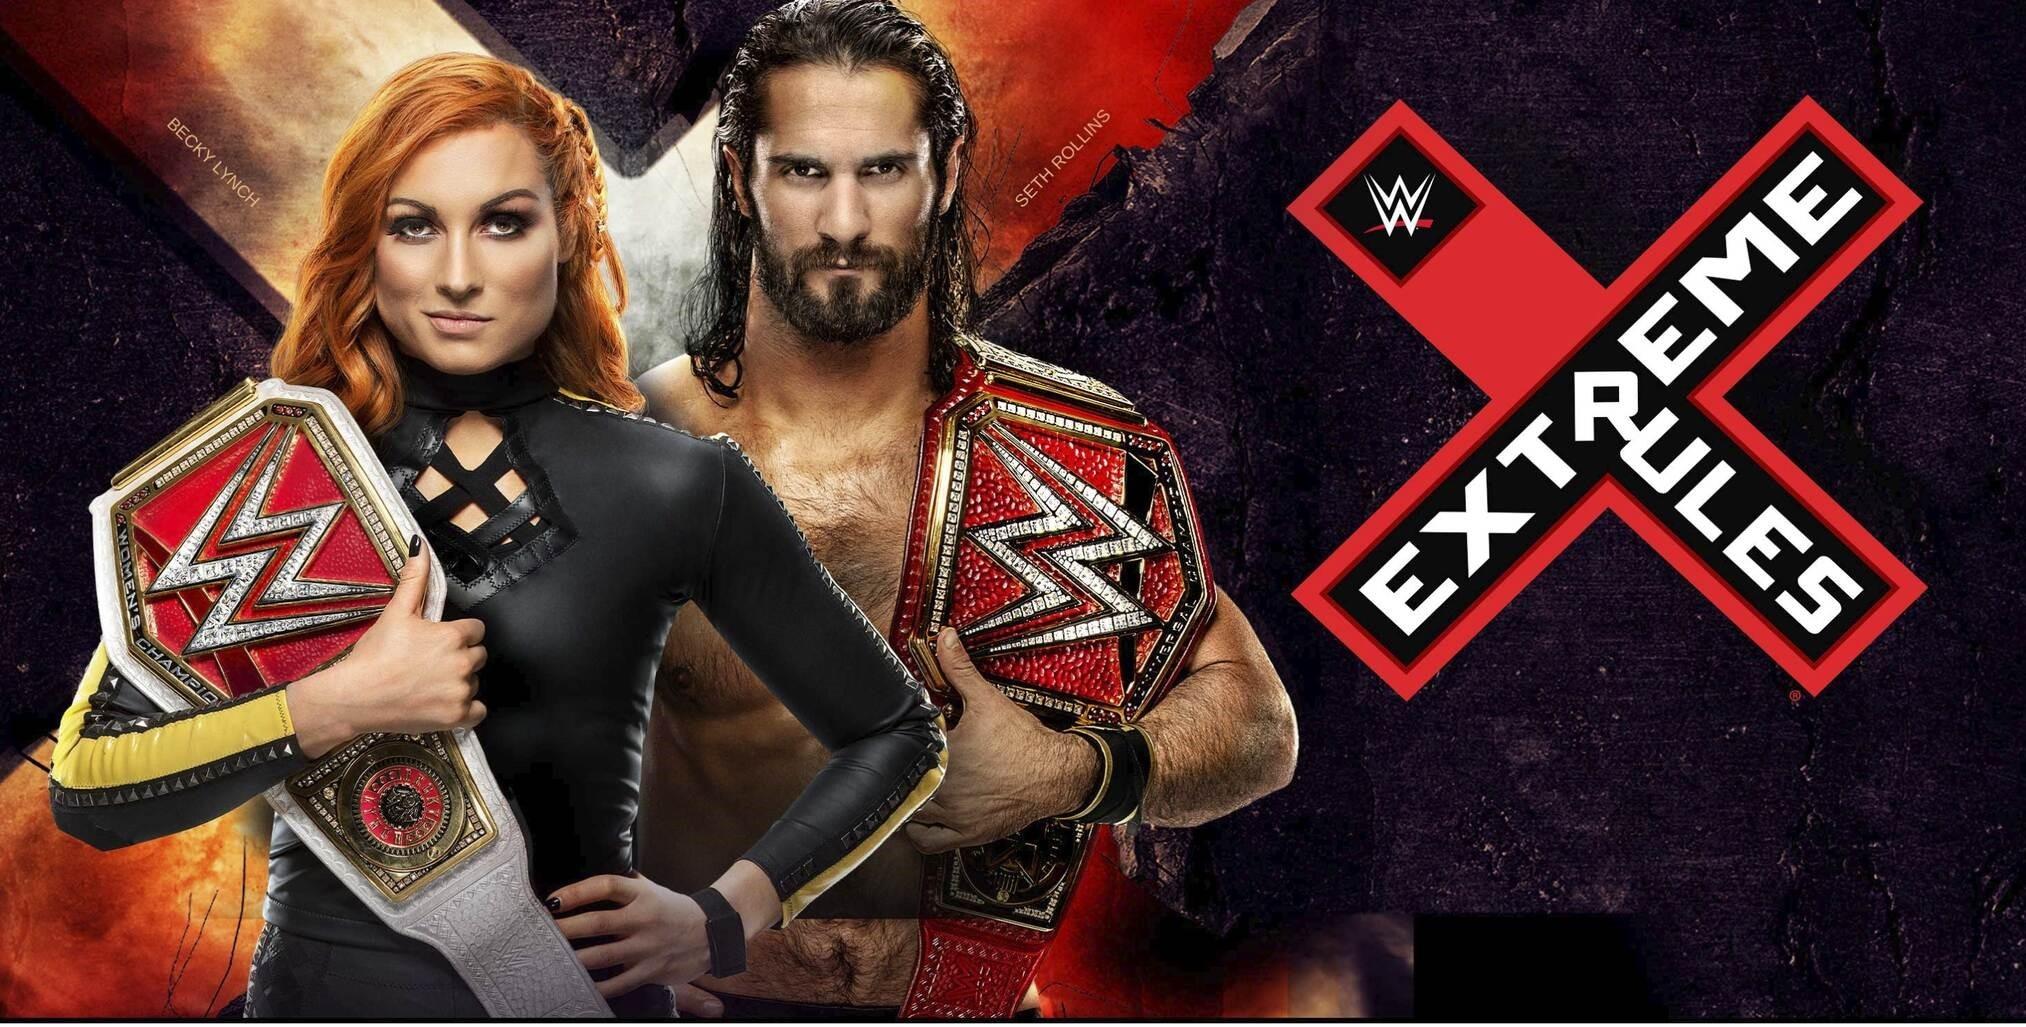 Resultado de imagem para Extreme rules 2019